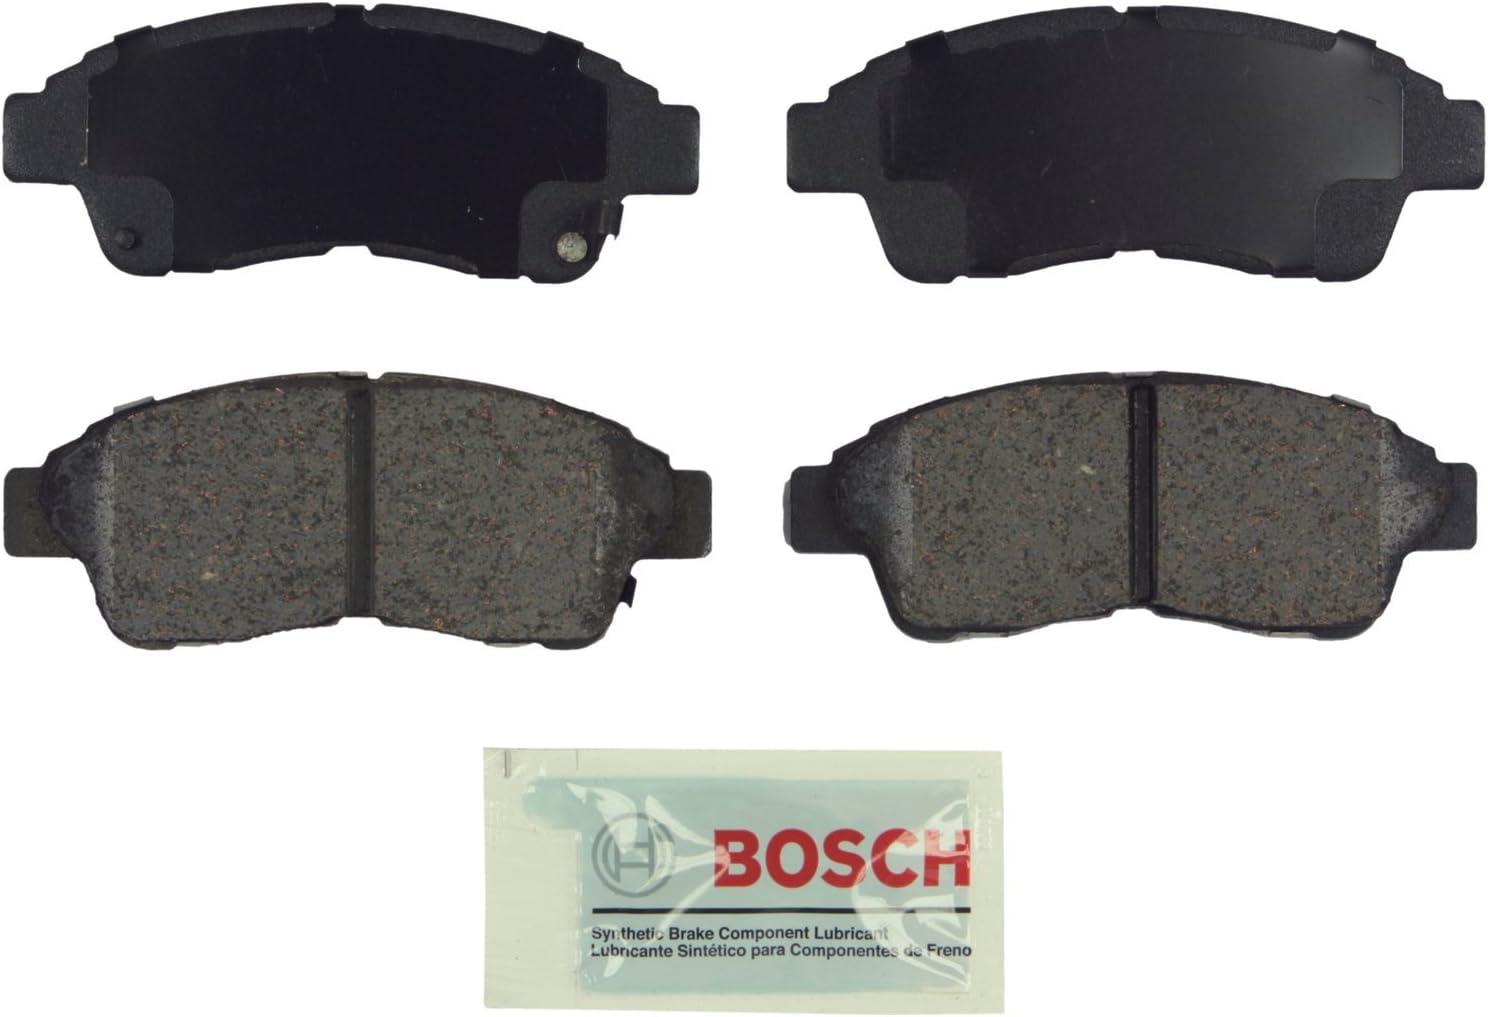 Bosch BC562 QuietCast Premium Ceramic Disc Brake Pad Set For: Geo Prizm; Toyota Camry Celica Corolla Front RAV4